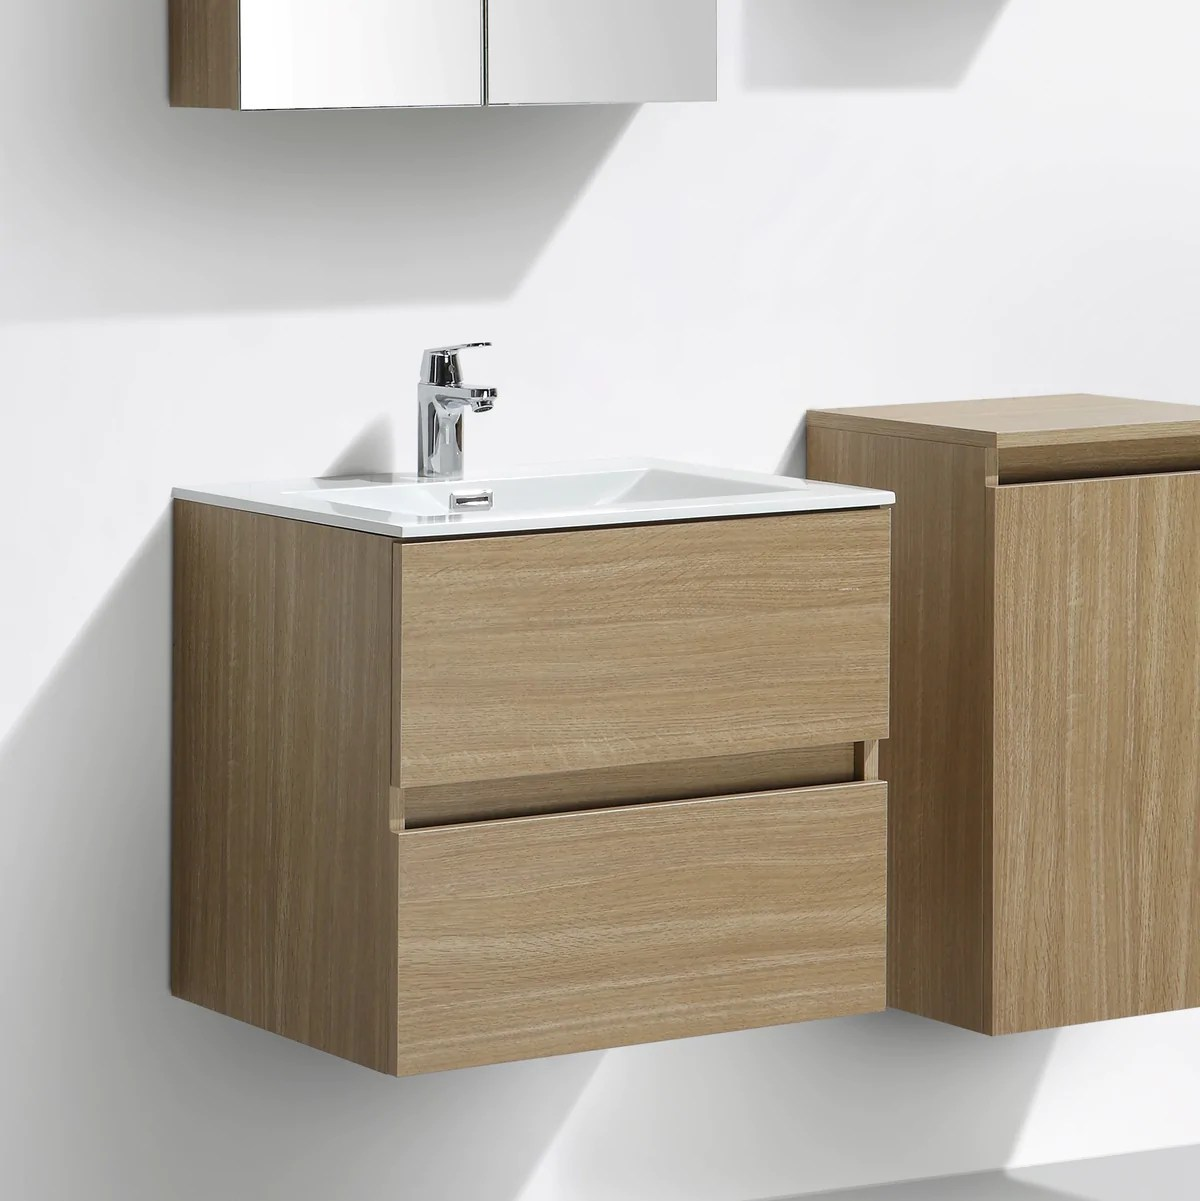 meuble salle de bain design simple vasque siena largeur 60 cm chene clair texture